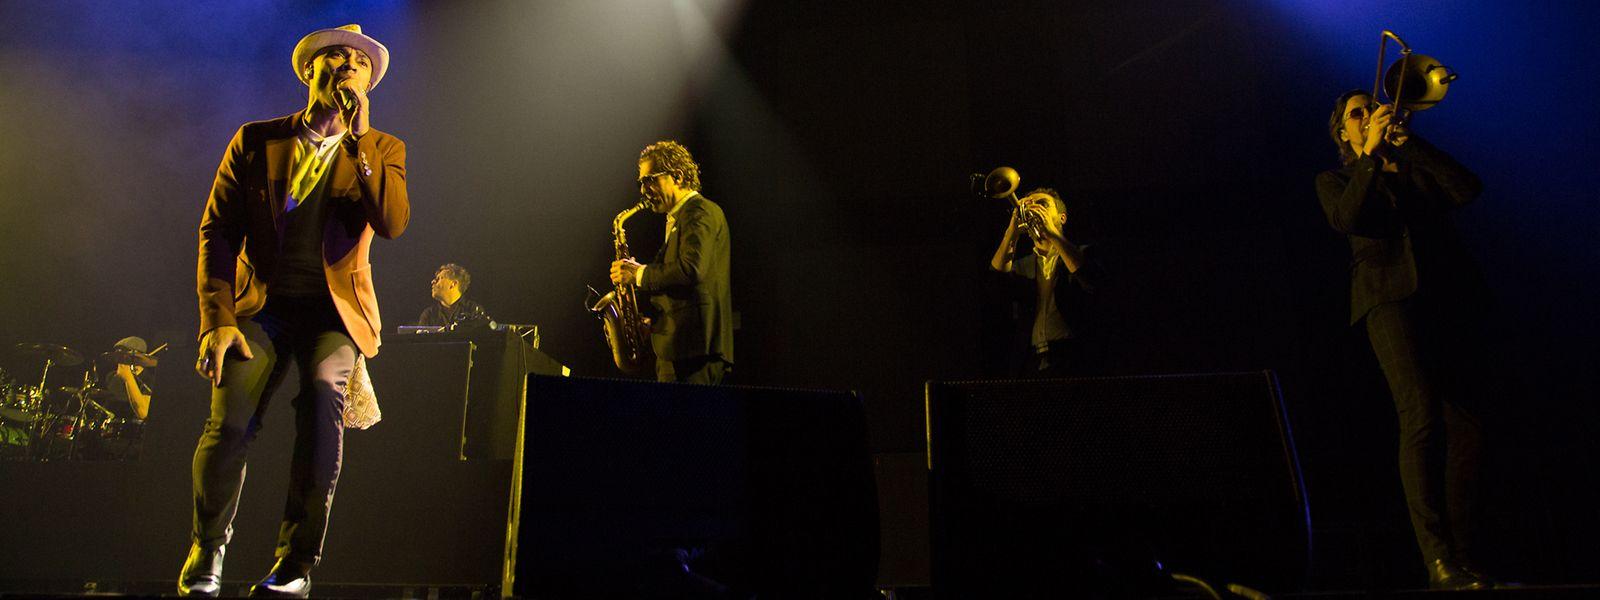 Parov Stelar und Band traten am Donnerstag in der Main Hall der Rockhal auf.